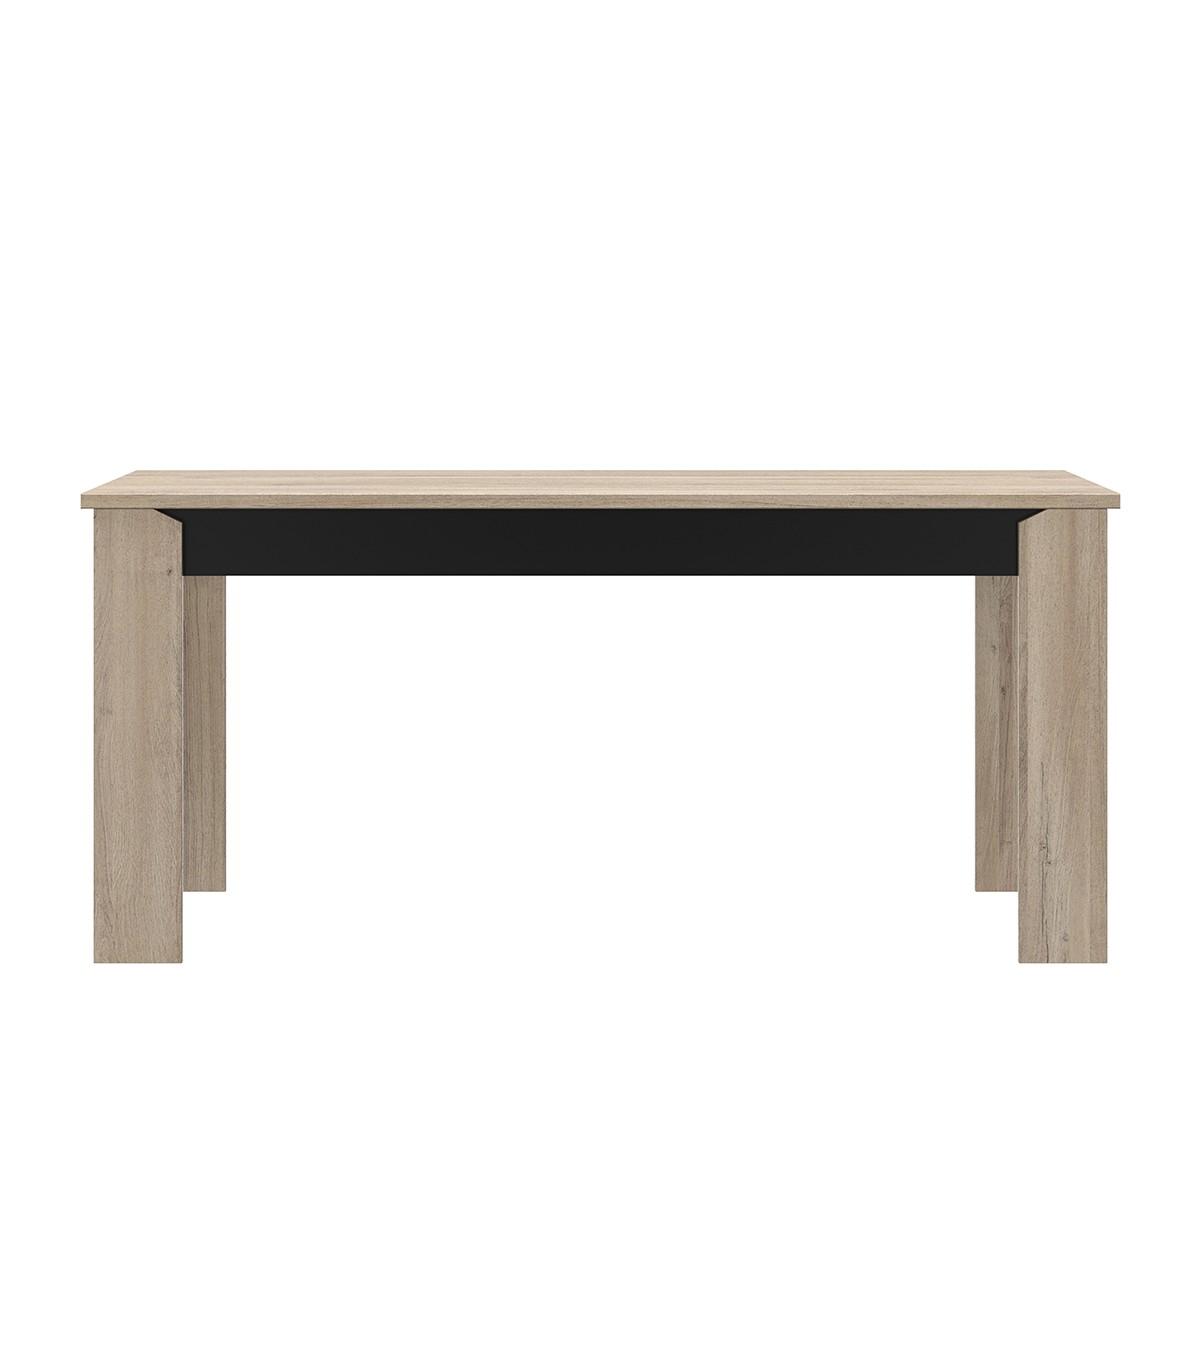 Table à manger rectangle L170 cm - Décor Chêne et noir